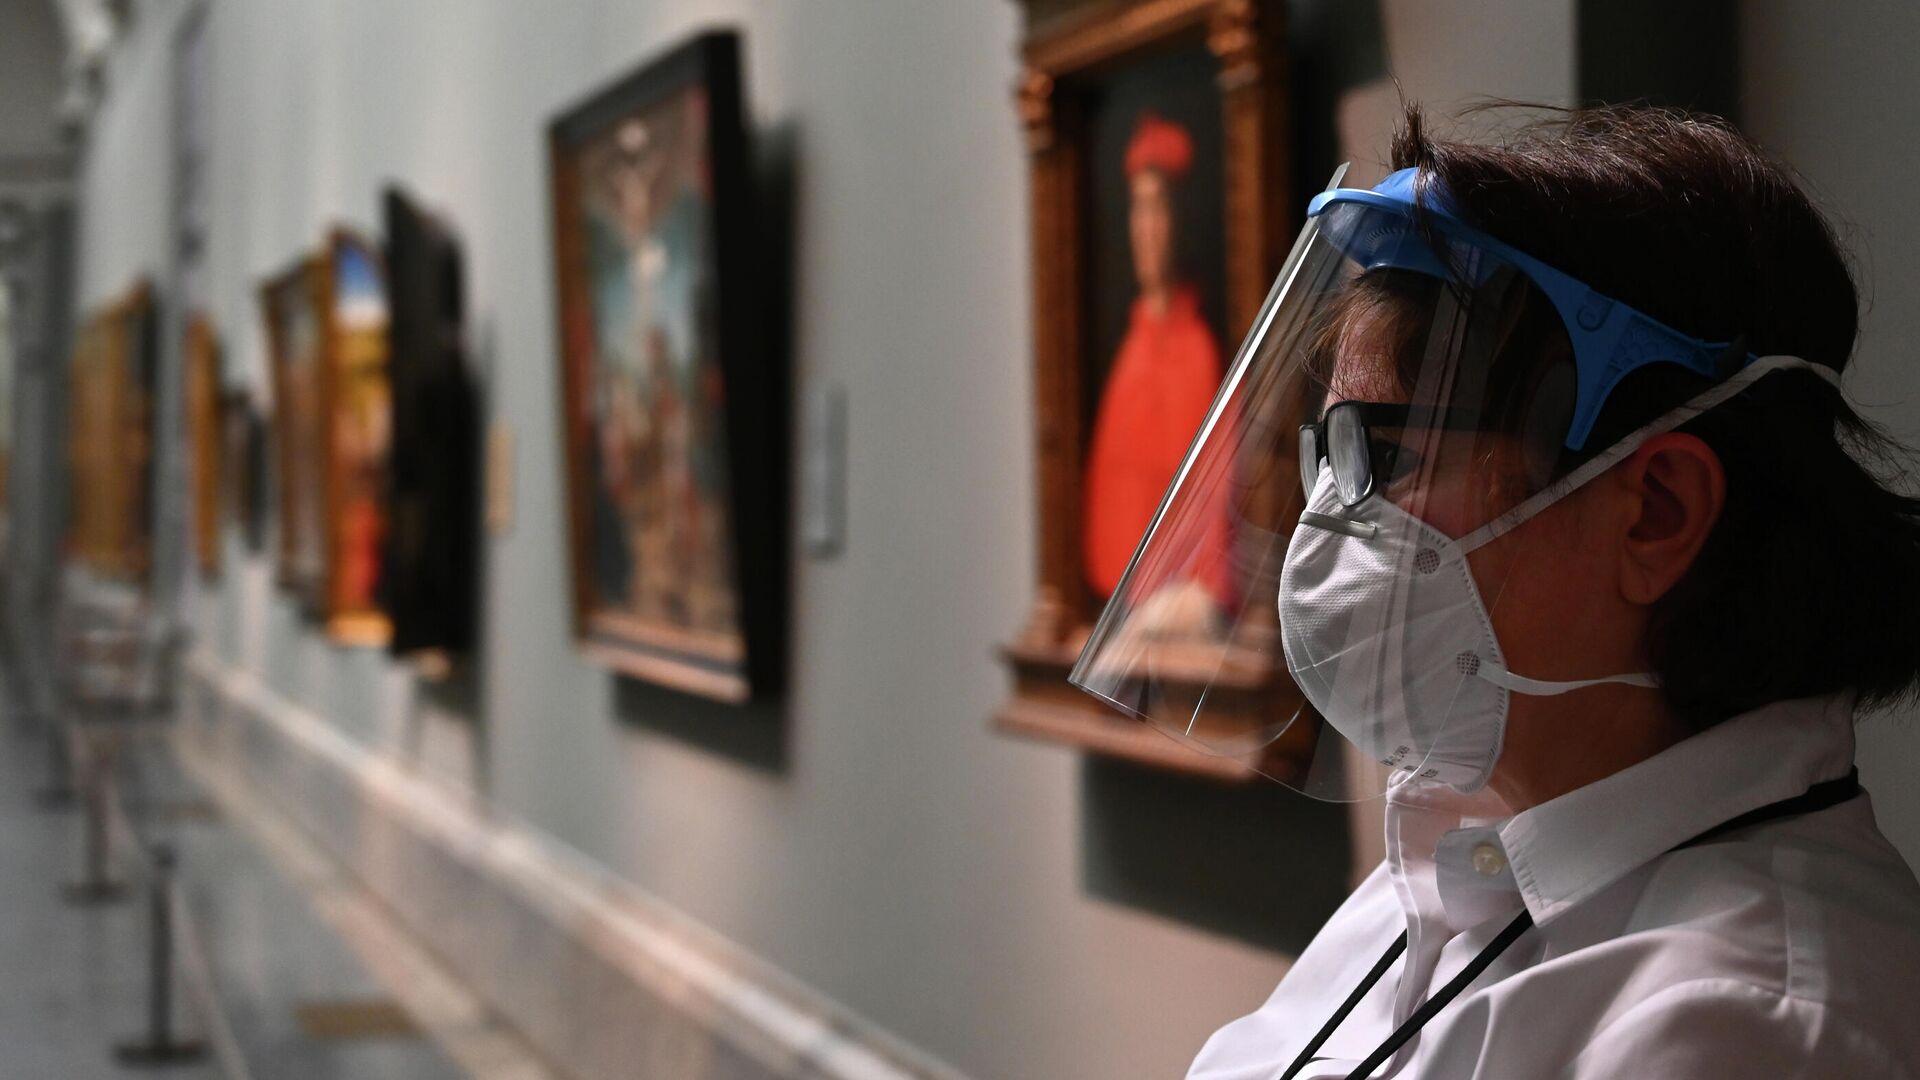 Смотрительница в Национальном музее Прадо в Мадриде, Испания - РИА Новости, 1920, 10.12.2020